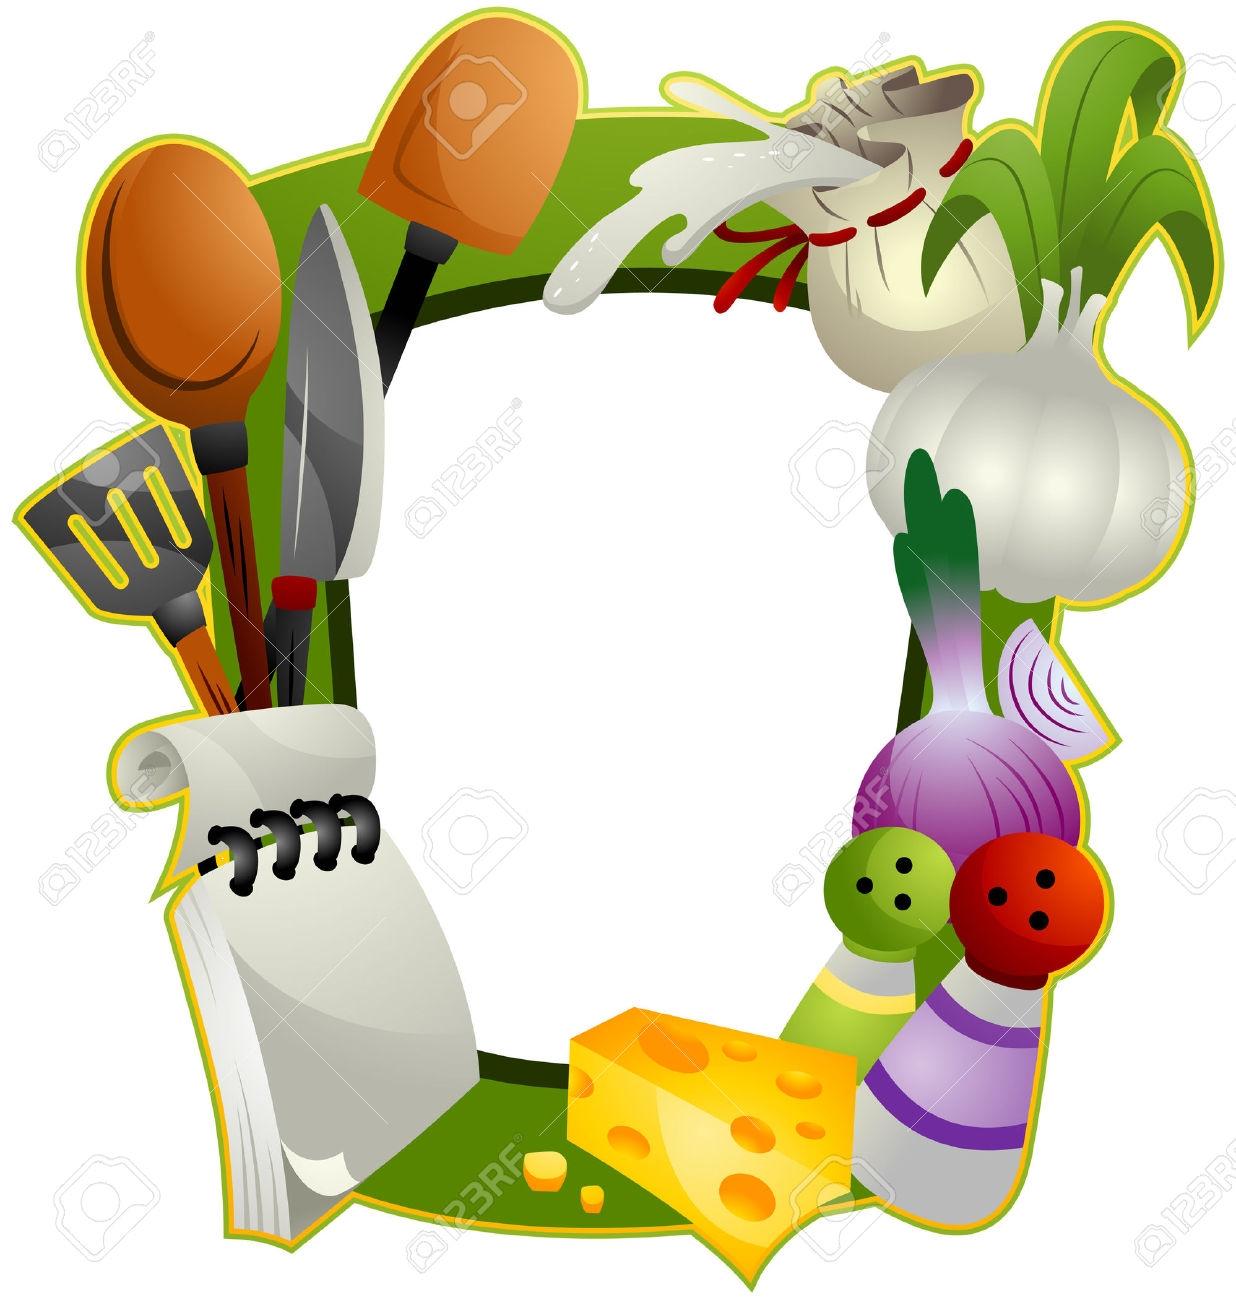 Cooking clip art borders clip art free Clipart food borders frames - ClipartFest clip art free